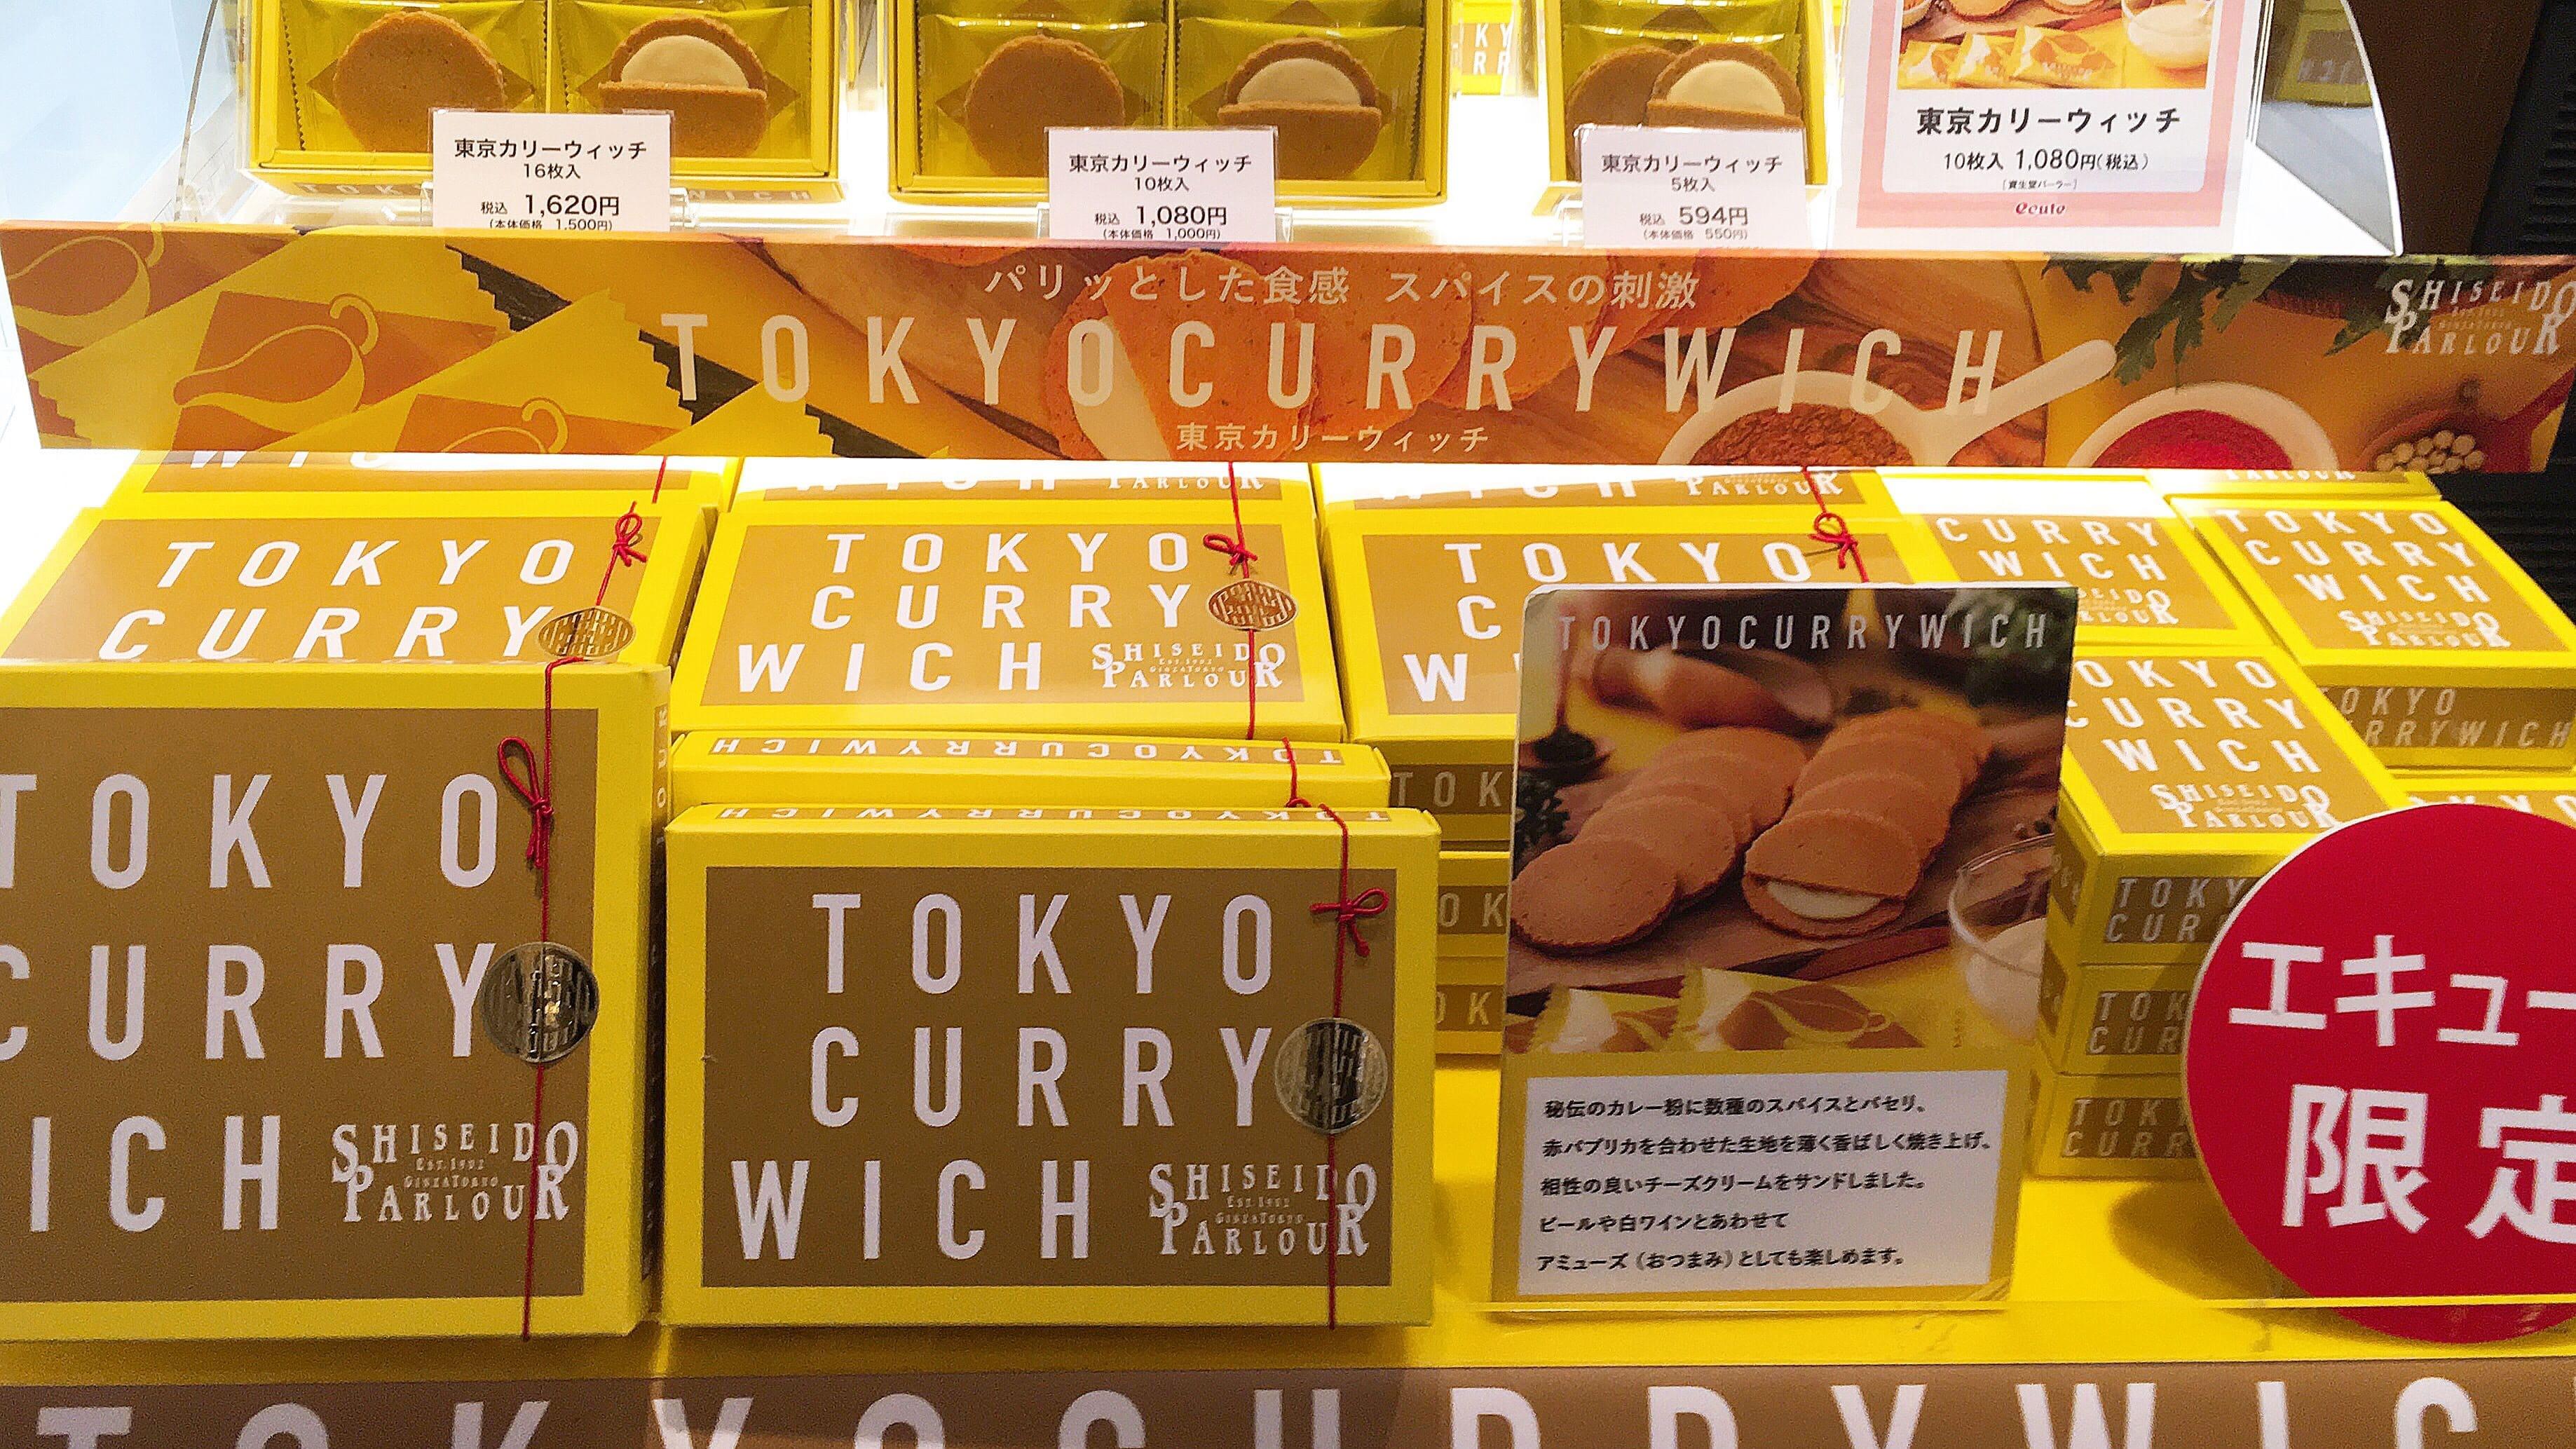 資生堂パーラーエキュート東京店の限定のお土産カレーウィッチの店頭ディスプレイ